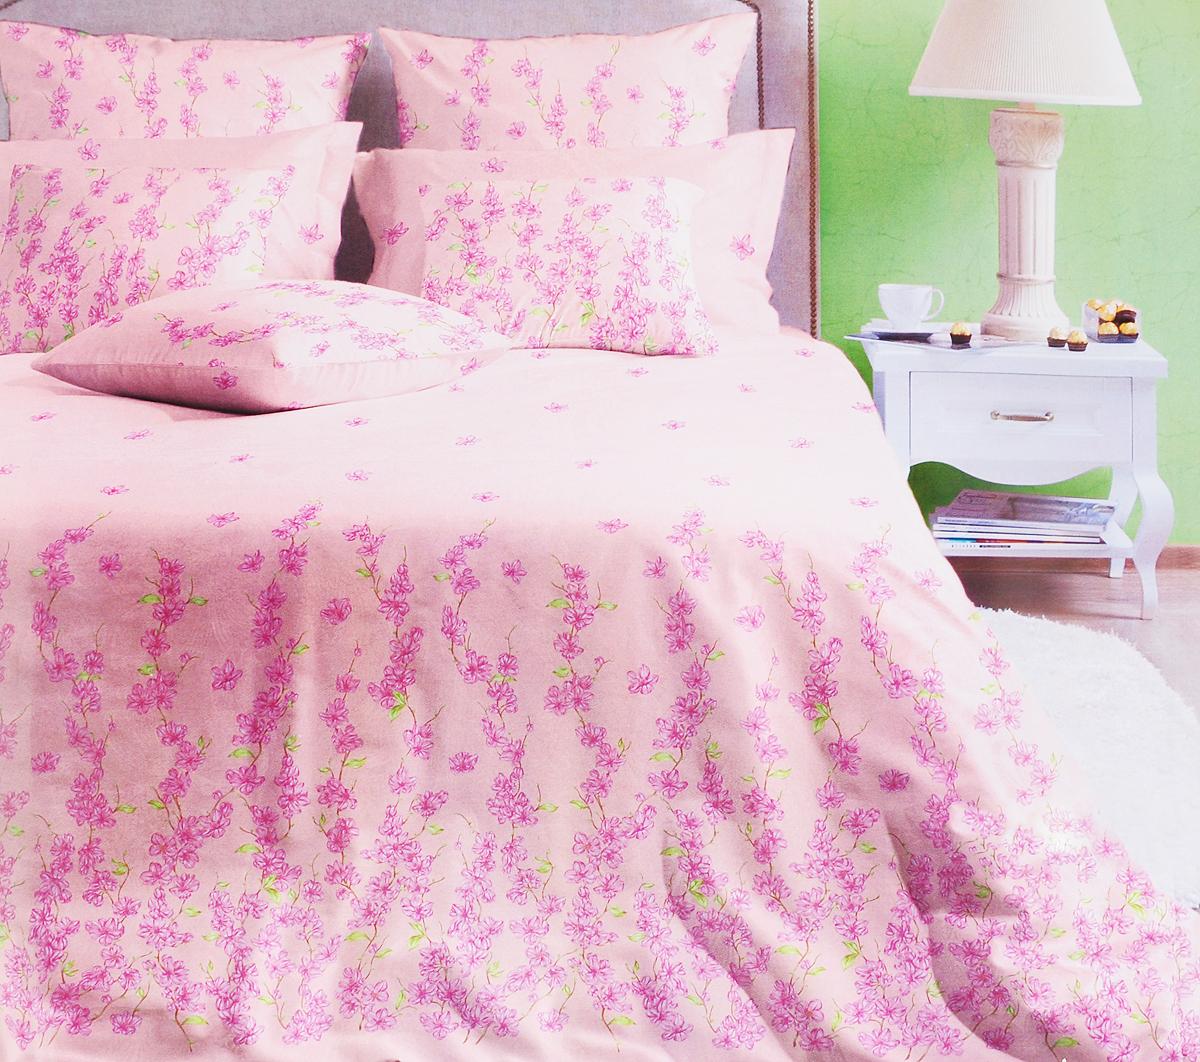 Комплект постельного белья Хлопковый Край Шарлиз роза, 2-спальный, наволочки 70х70. 20б-1ХКсс полуторный комплект белья хлопковый край винтаж 1 поплин 1 5